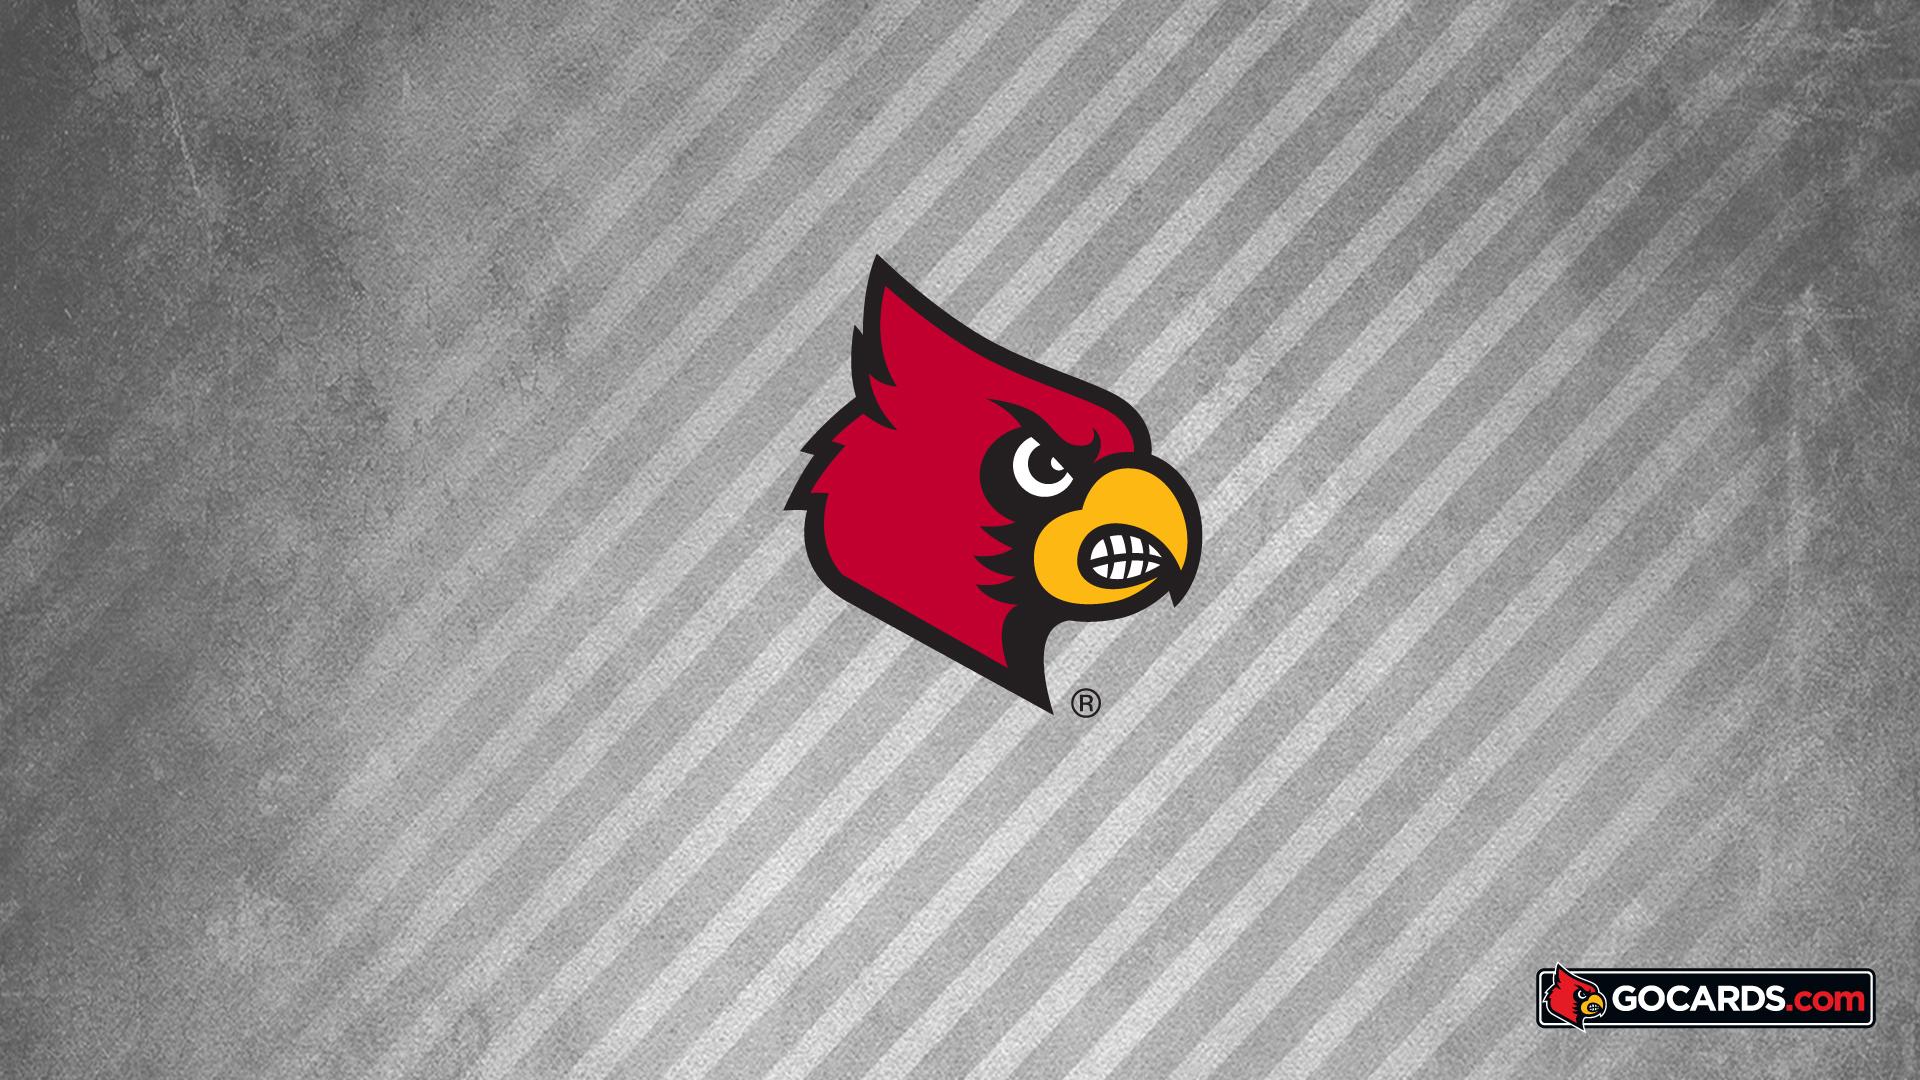 Louisville Cardinals 1920x1080